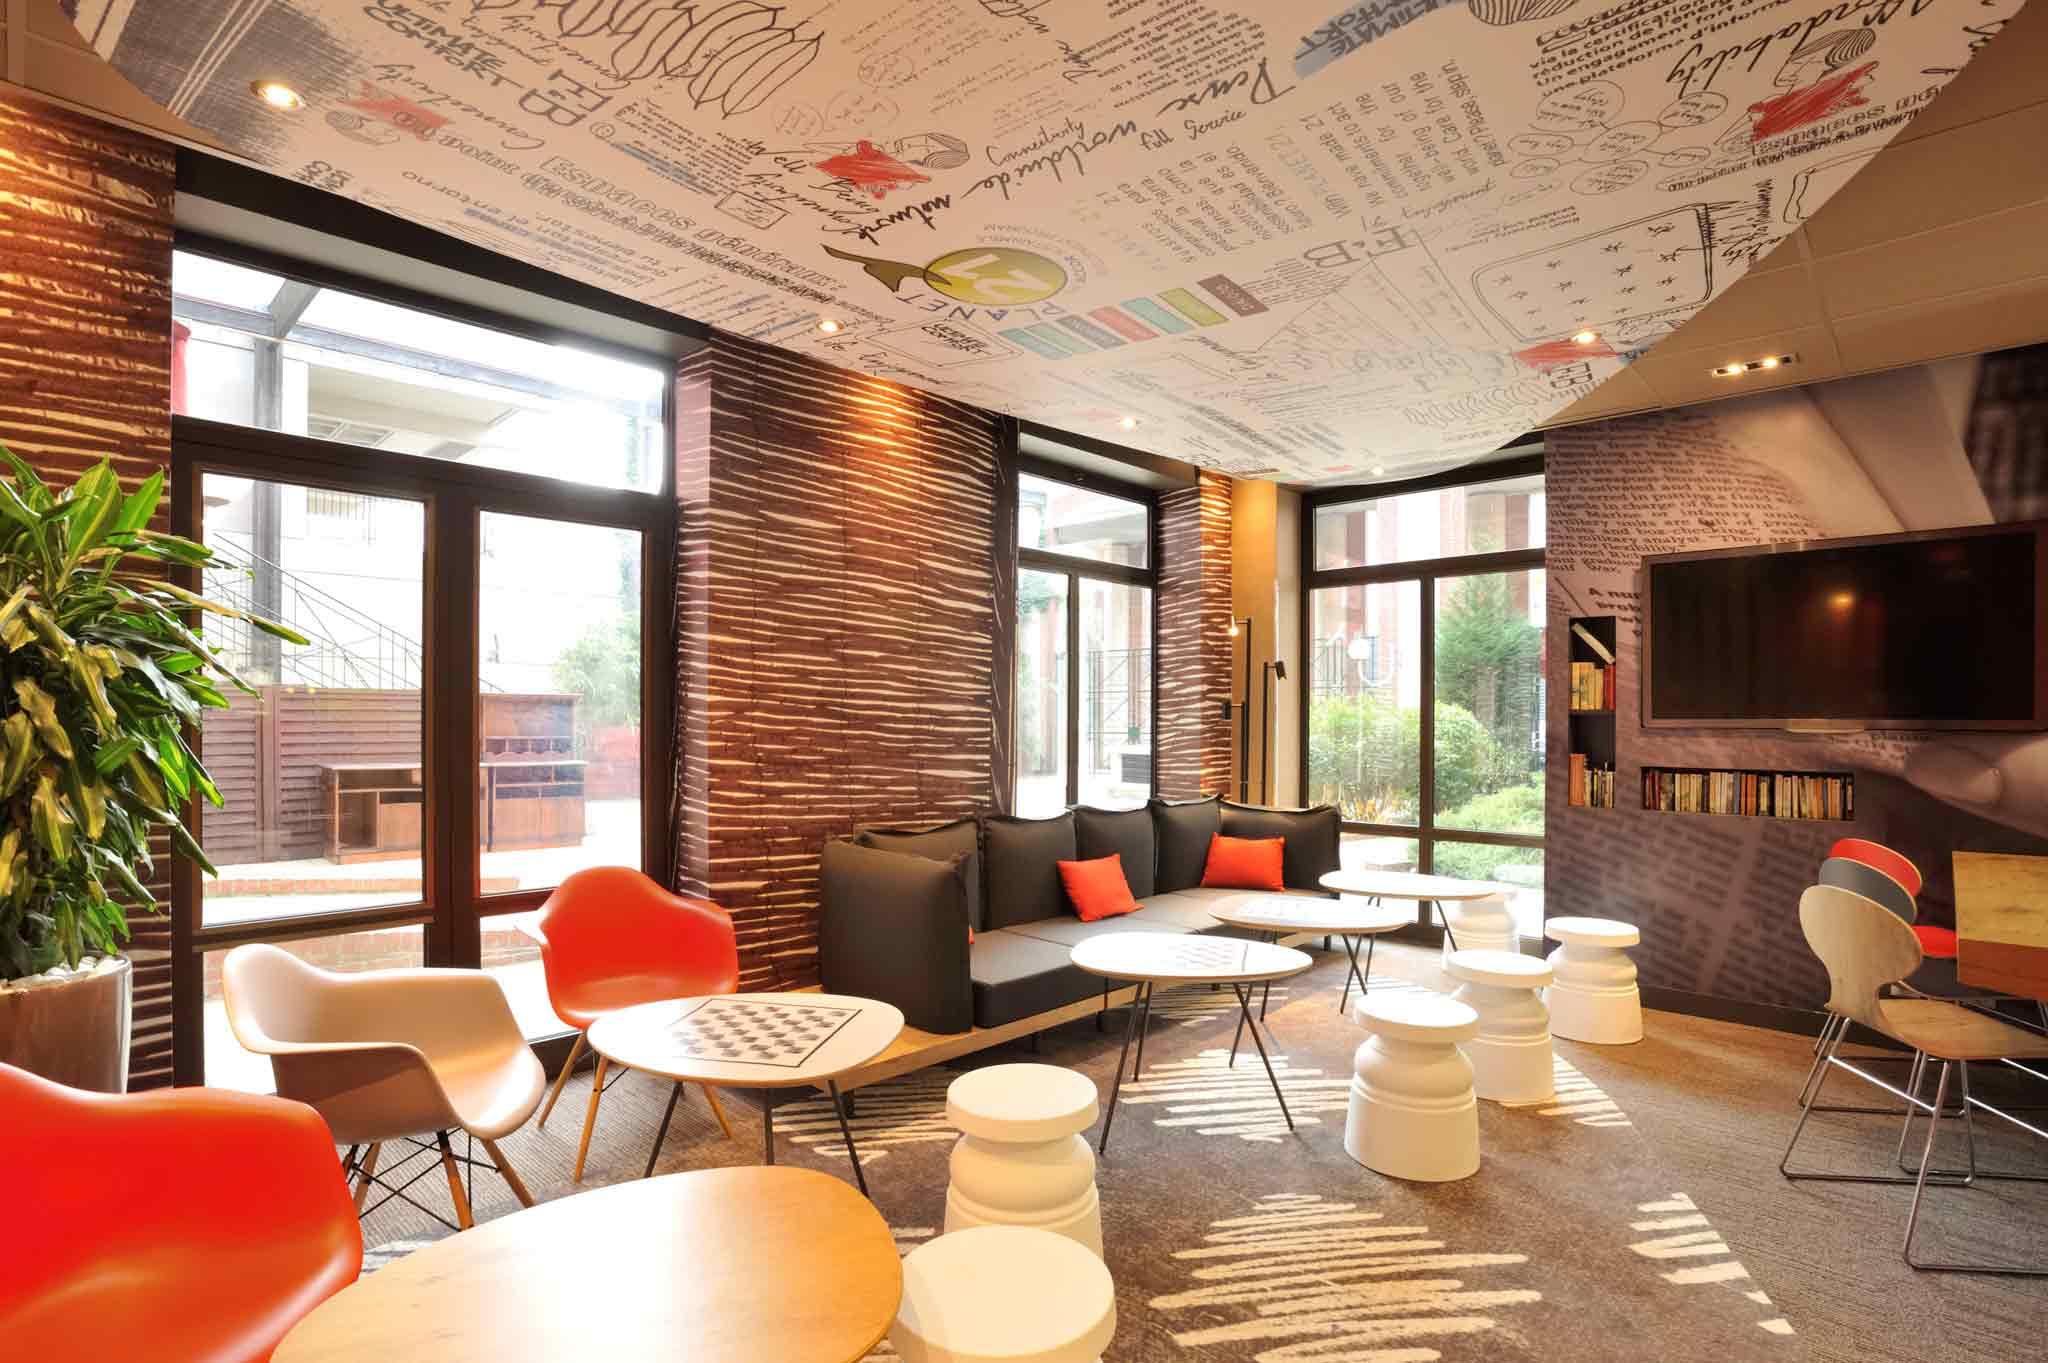 cours de cuisine lille pas cher cool cours de cuisine. Black Bedroom Furniture Sets. Home Design Ideas